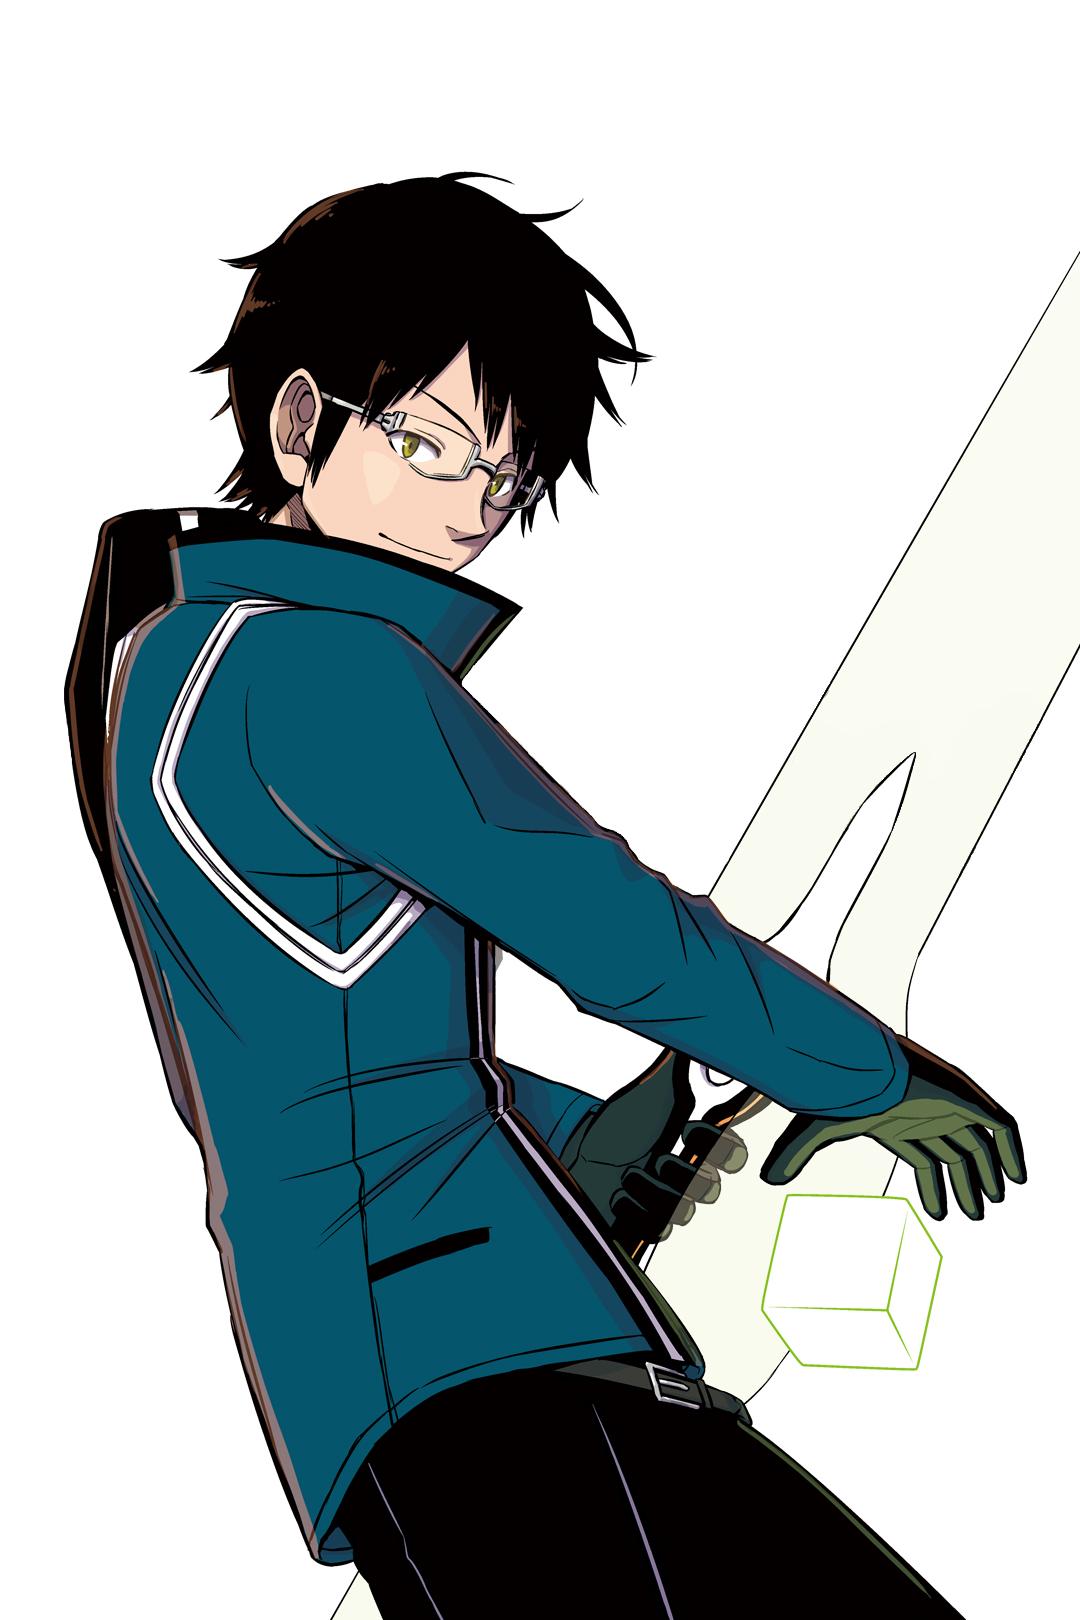 Osamu Mikumo Anime World Trigger Birthday May 25